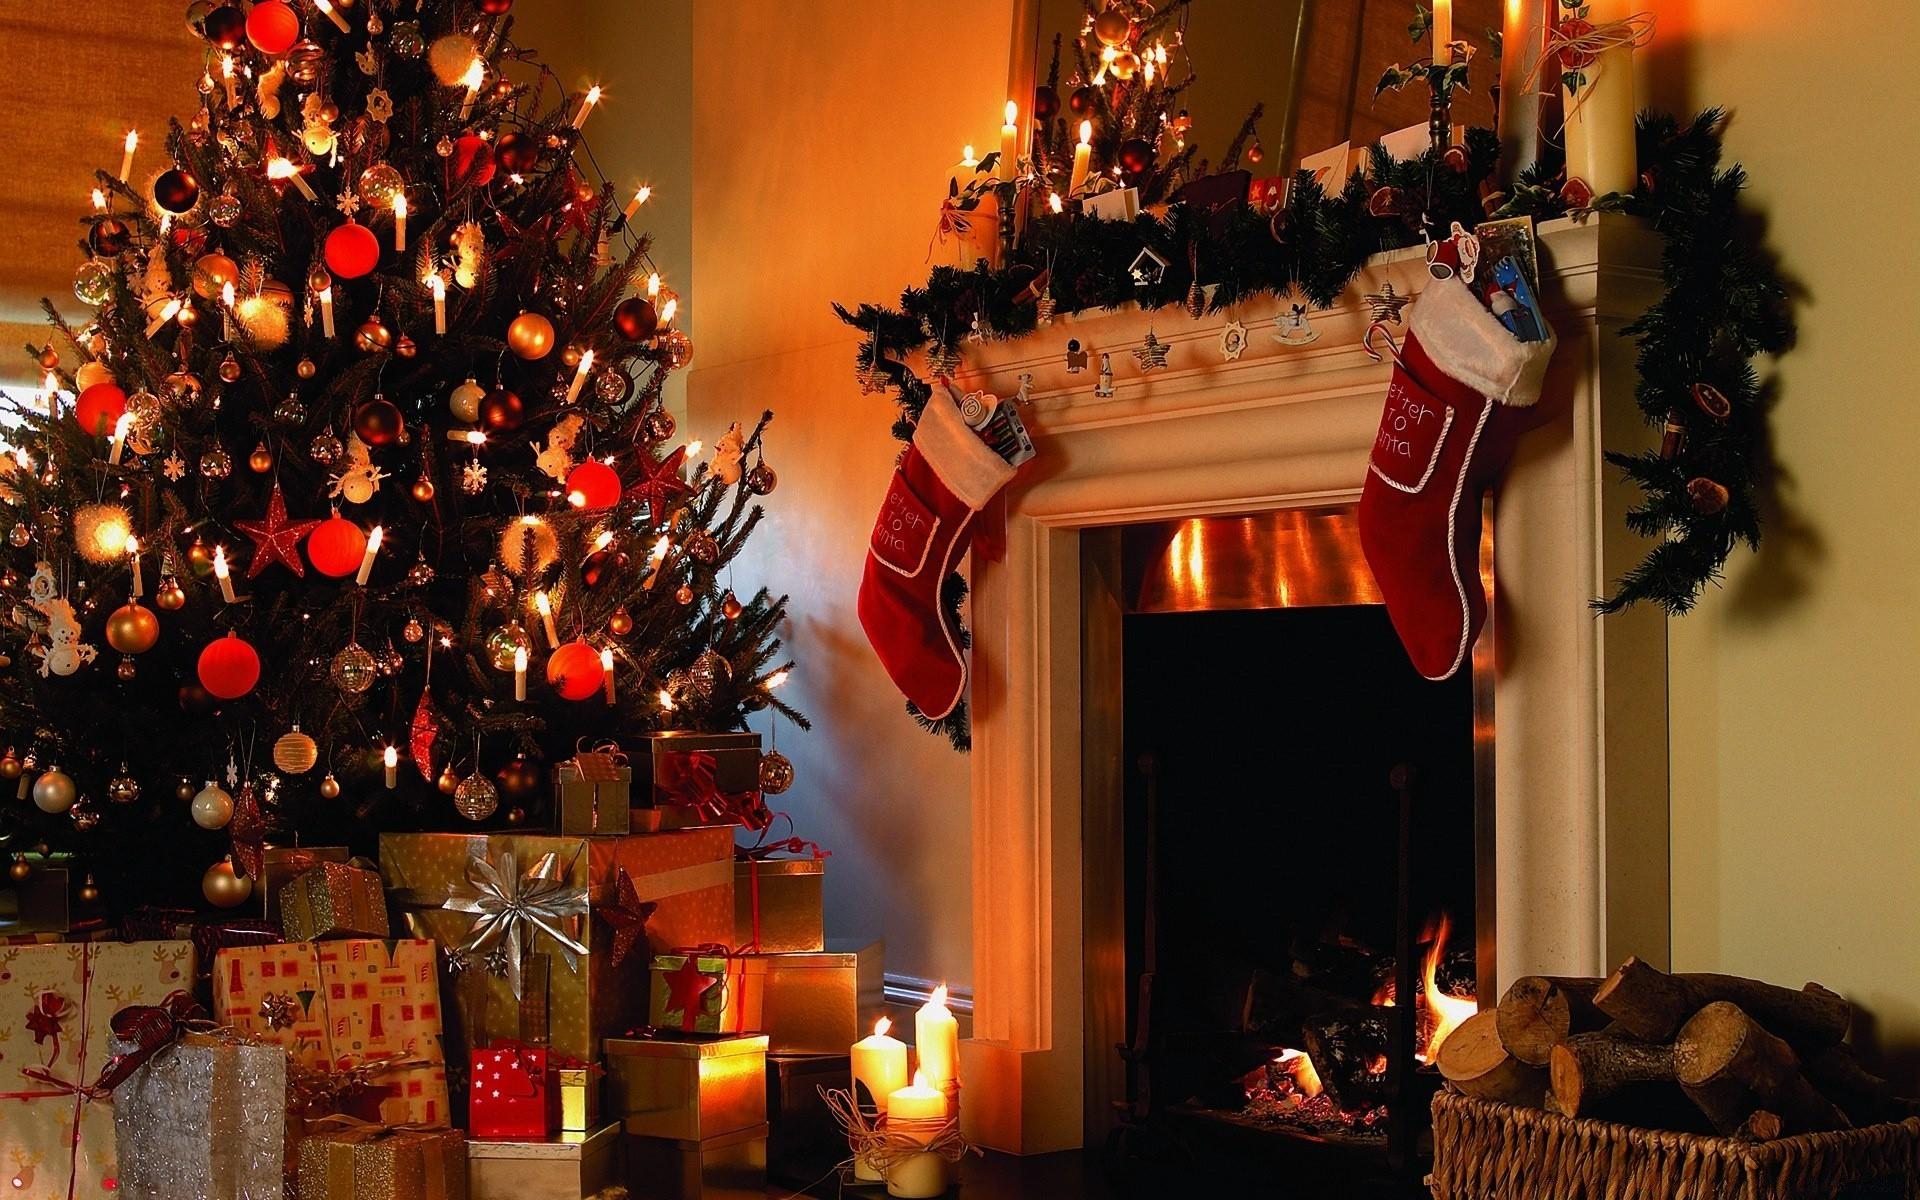 издавалась огромными картинки новый год и елка подарки платья